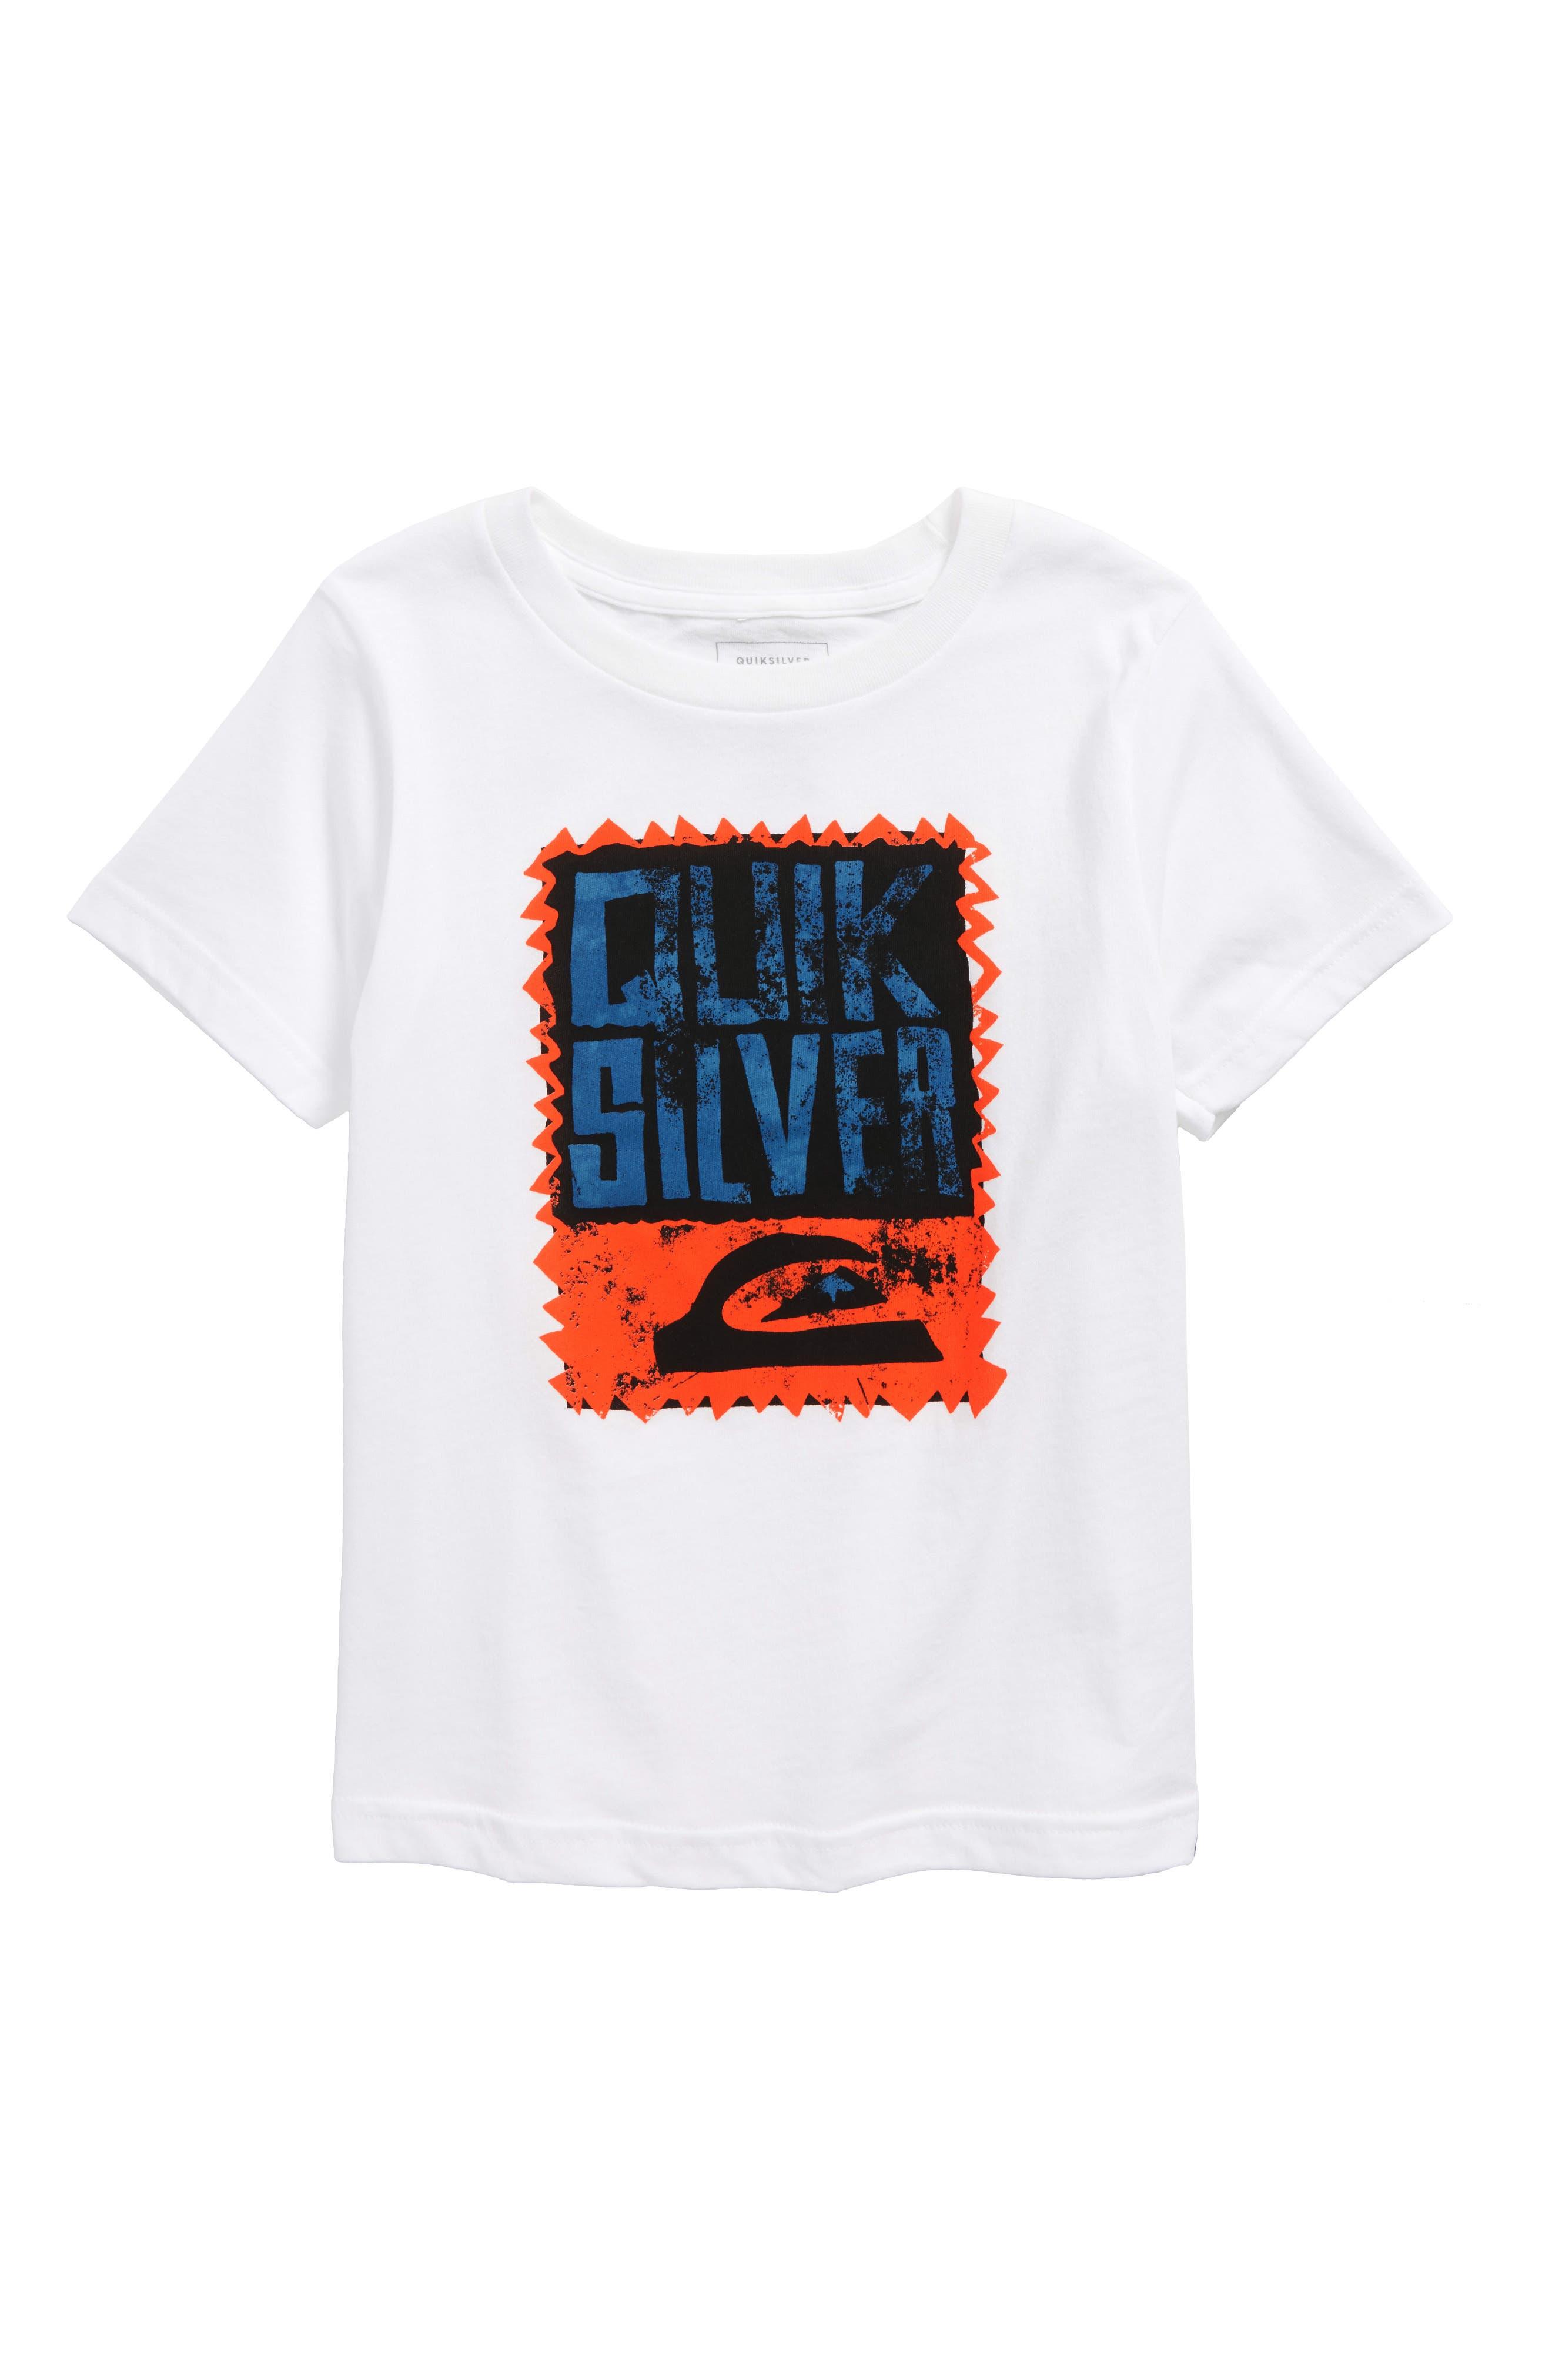 Awaken The Vibe Graphic T-Shirt,                             Main thumbnail 1, color,                             101